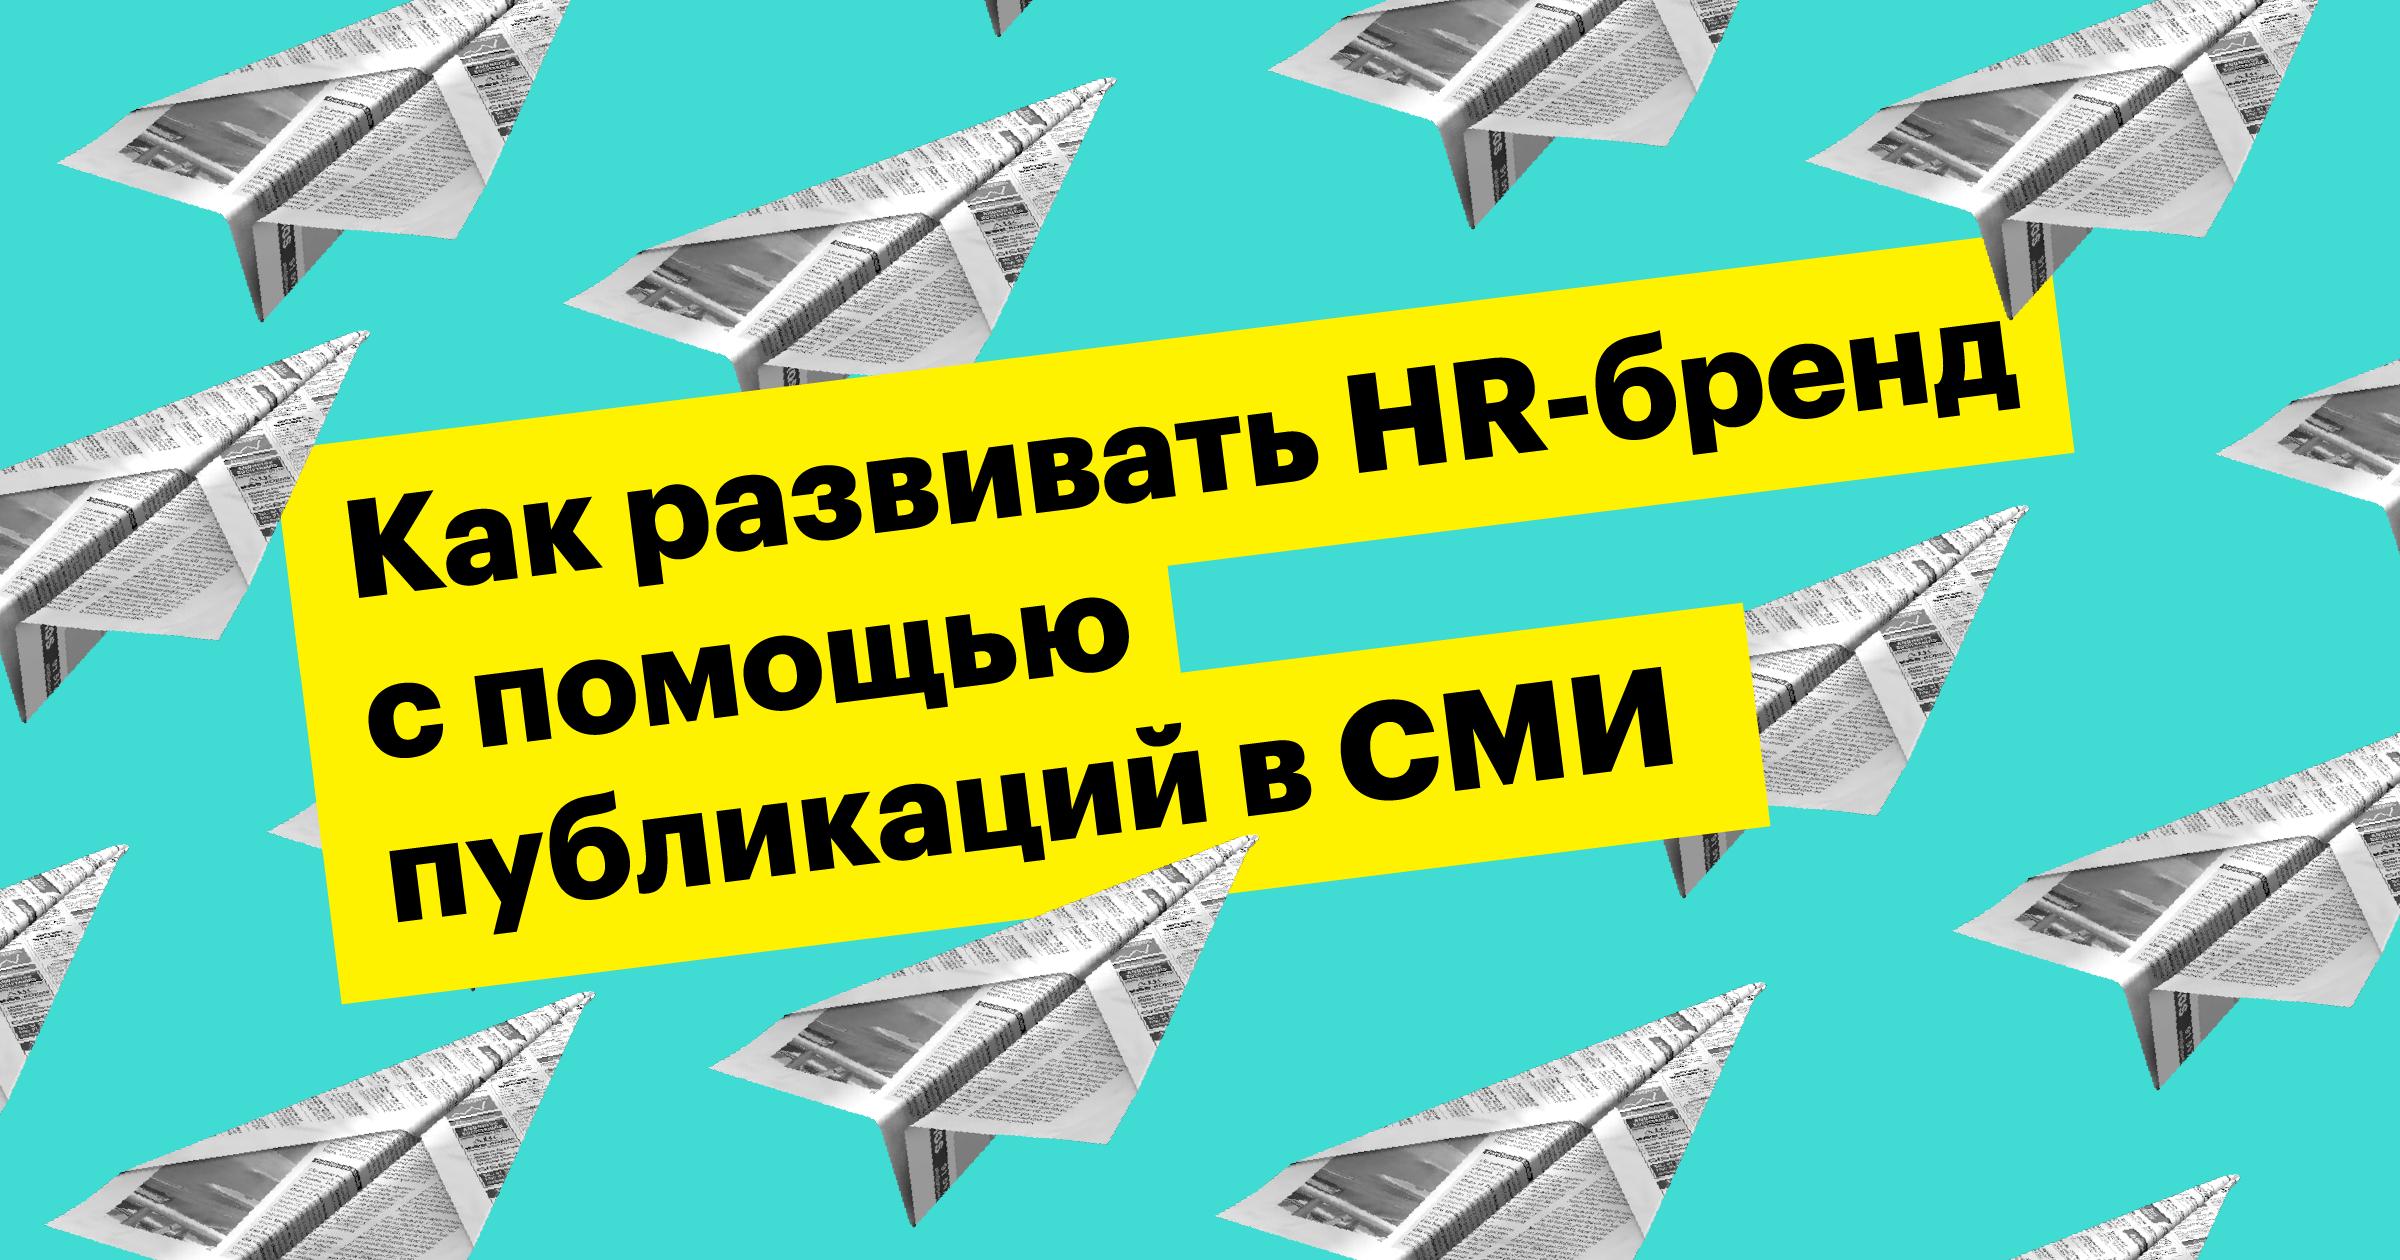 Как развивать HR-бренд компании с помощью публикаций в СМИ